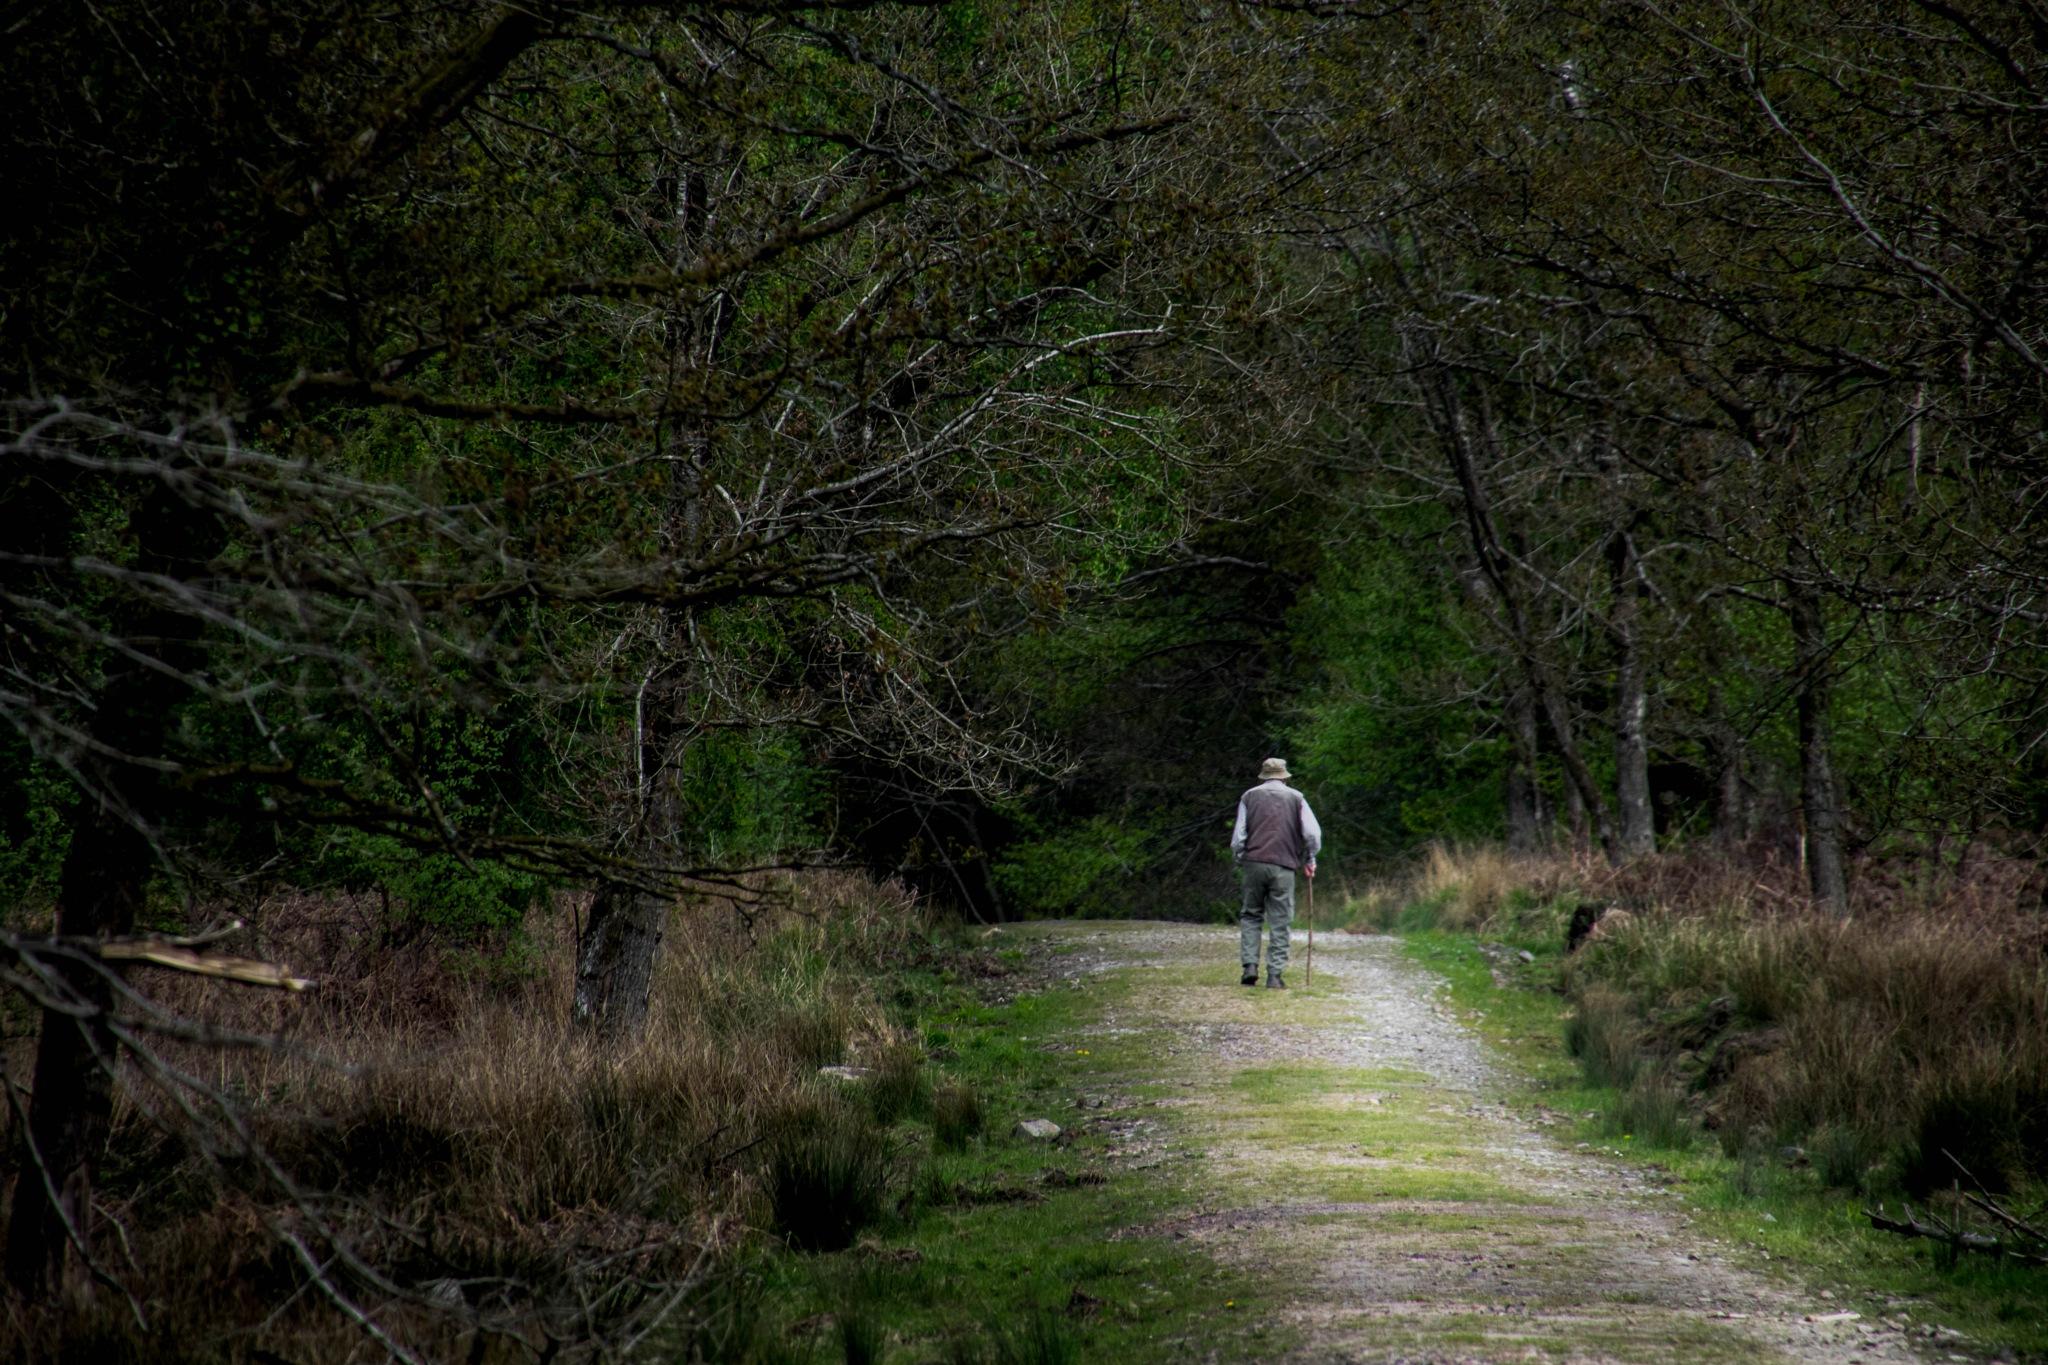 Forest walk by Matt Ewin